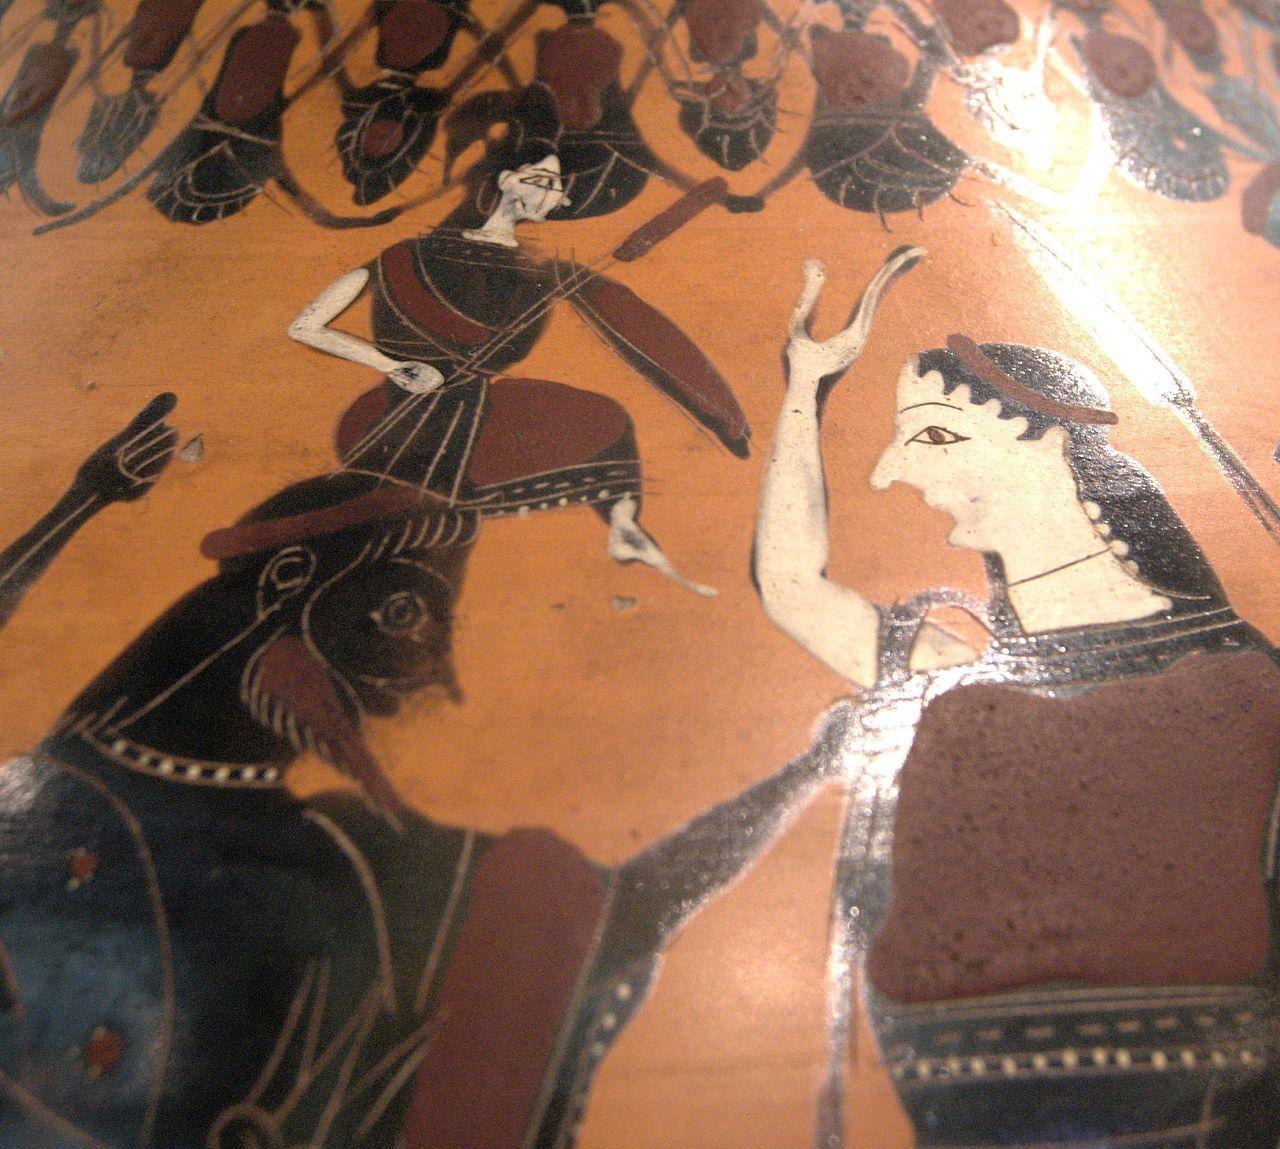 Atenea naciendo armada de la cabeza de Zeus, en la pintura presente en una ánfora ática se evidencia a una mujer atendiendo este nacimiento, posiblemente se trate de Ilitía la diosa de los nacimientos en la mitología griega.